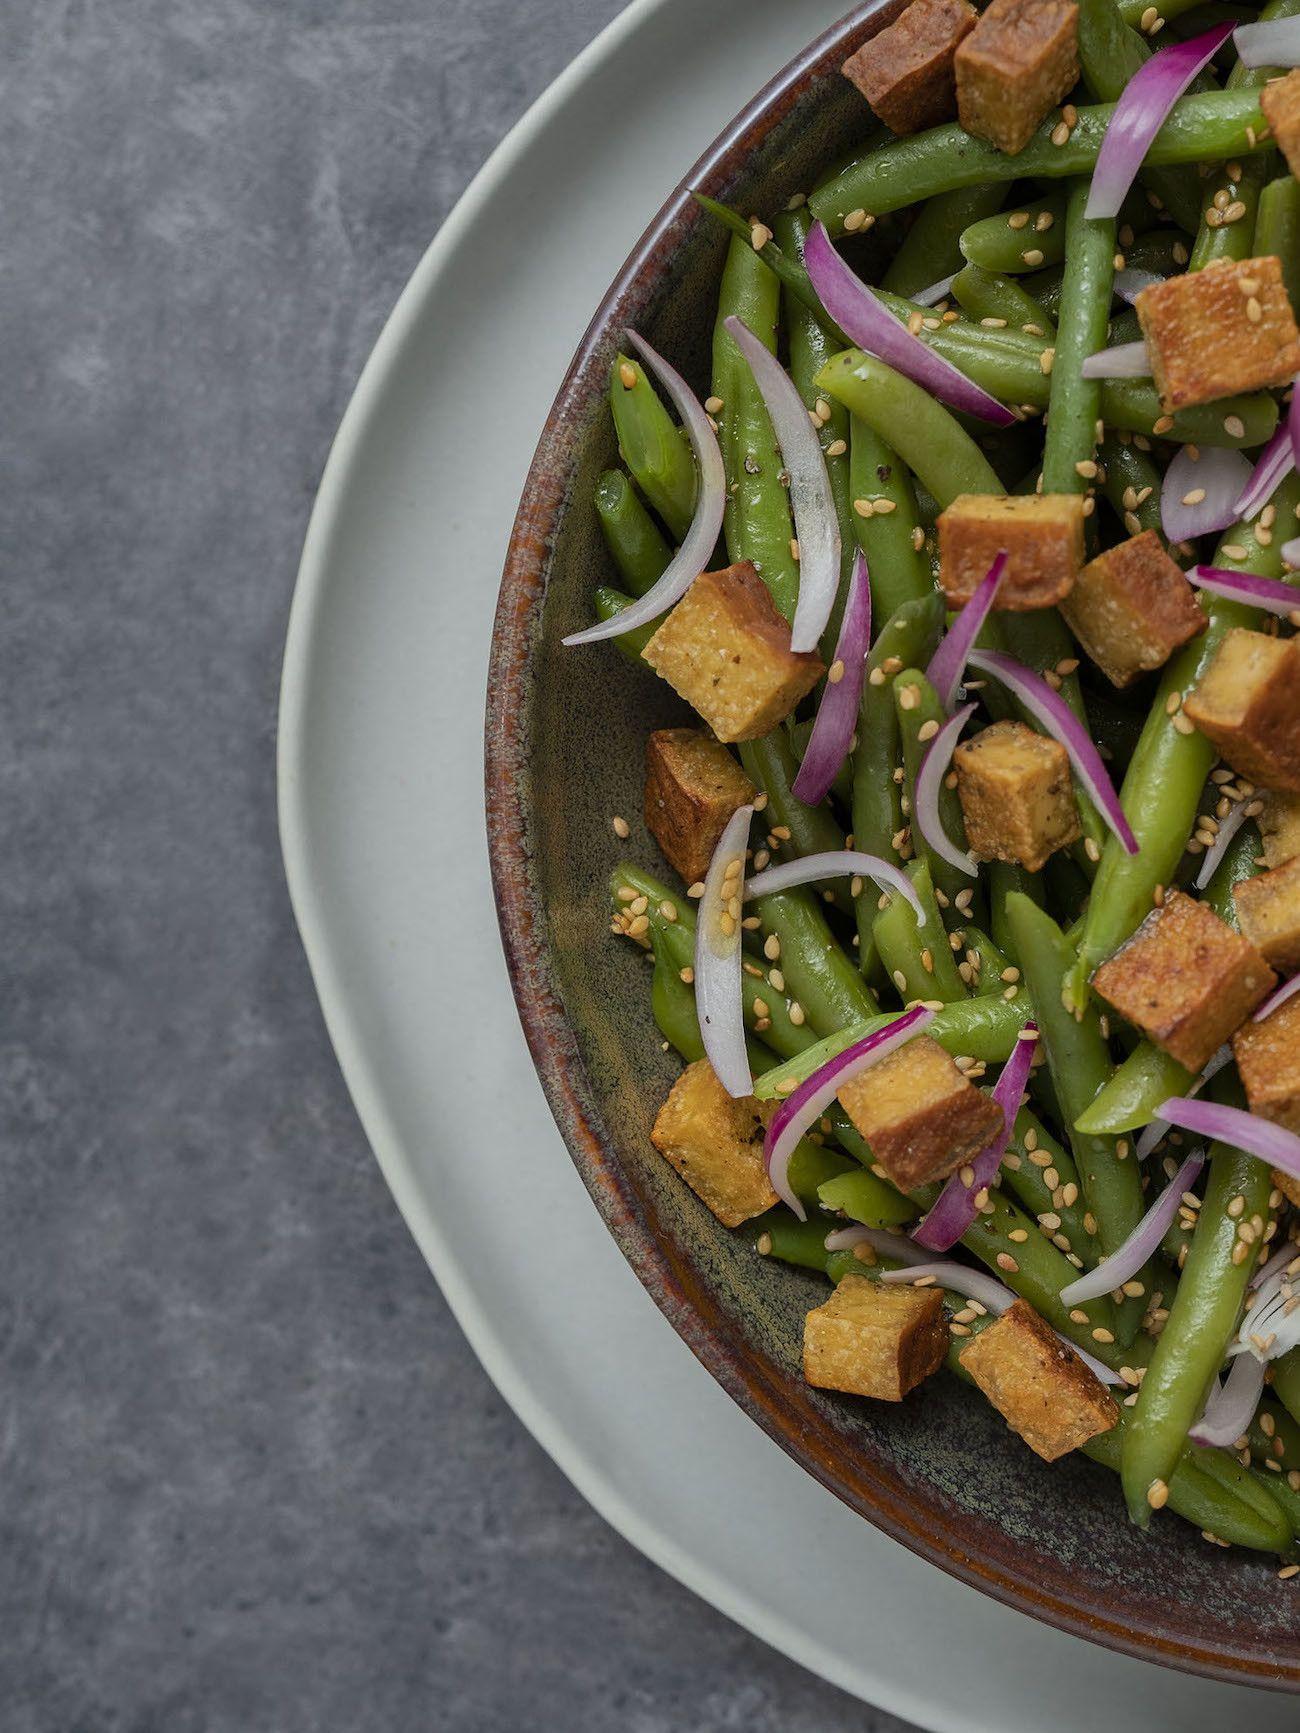 Foodblog, About Fuel, Rezept, Stangenbohnensalat mit geräuchertem Tofu, Sesam und roten Zwiebeln, Tofu, Teller, Sesam